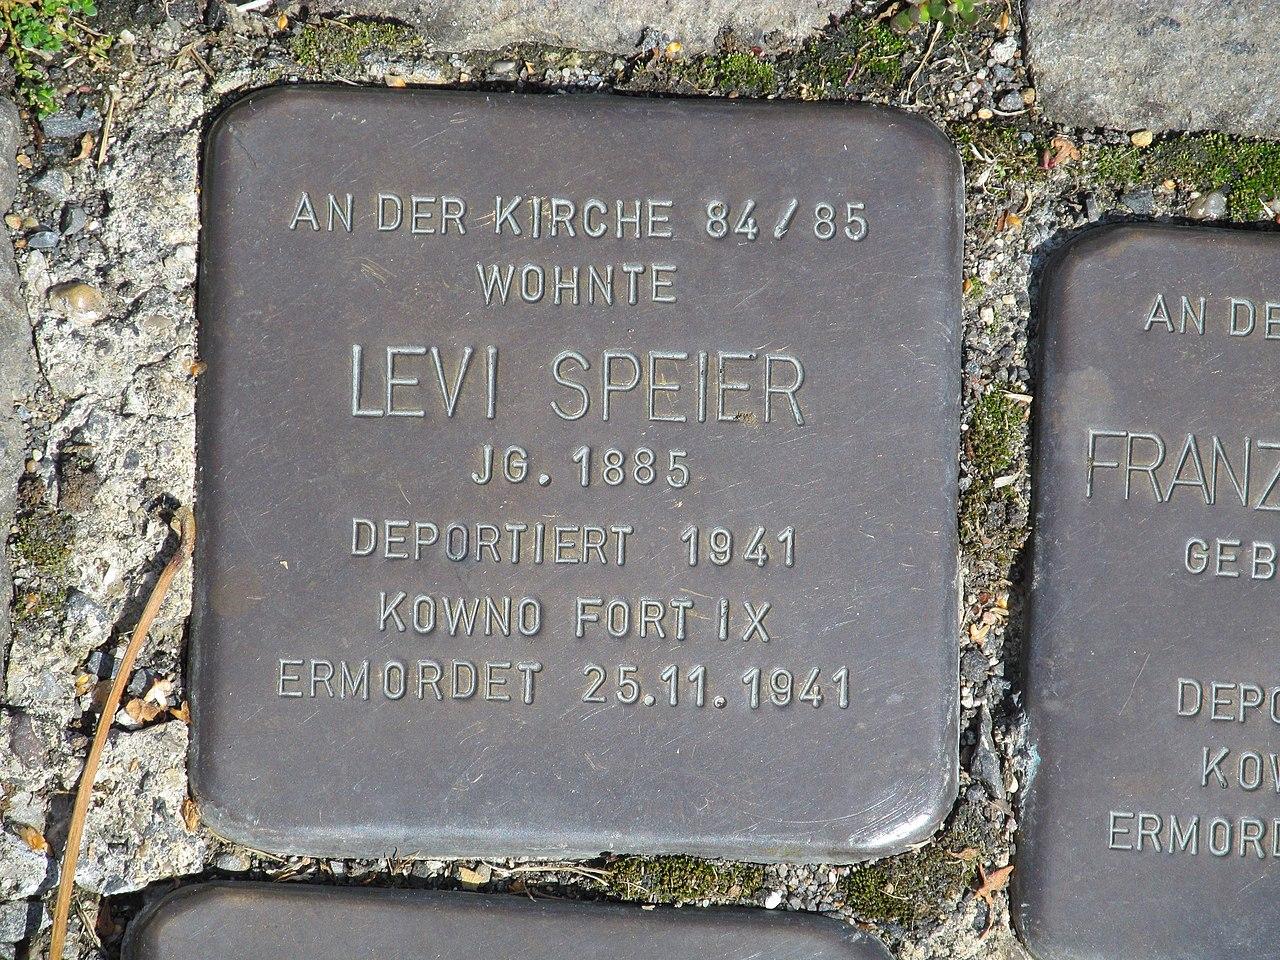 Stolperstein Levi Speier, 1, Bahnhofstraße 110, Borken, Schwalm-Eder-Kreis.jpg